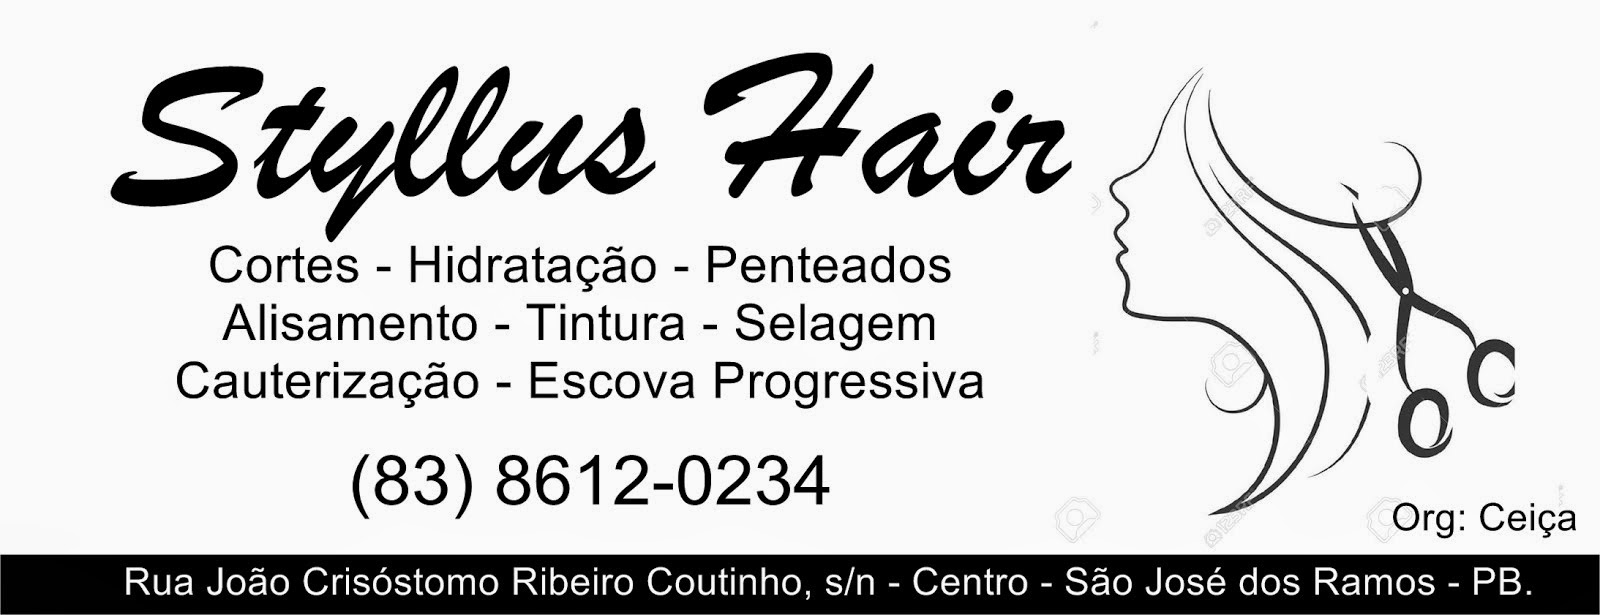 Vá para Styllus Hair